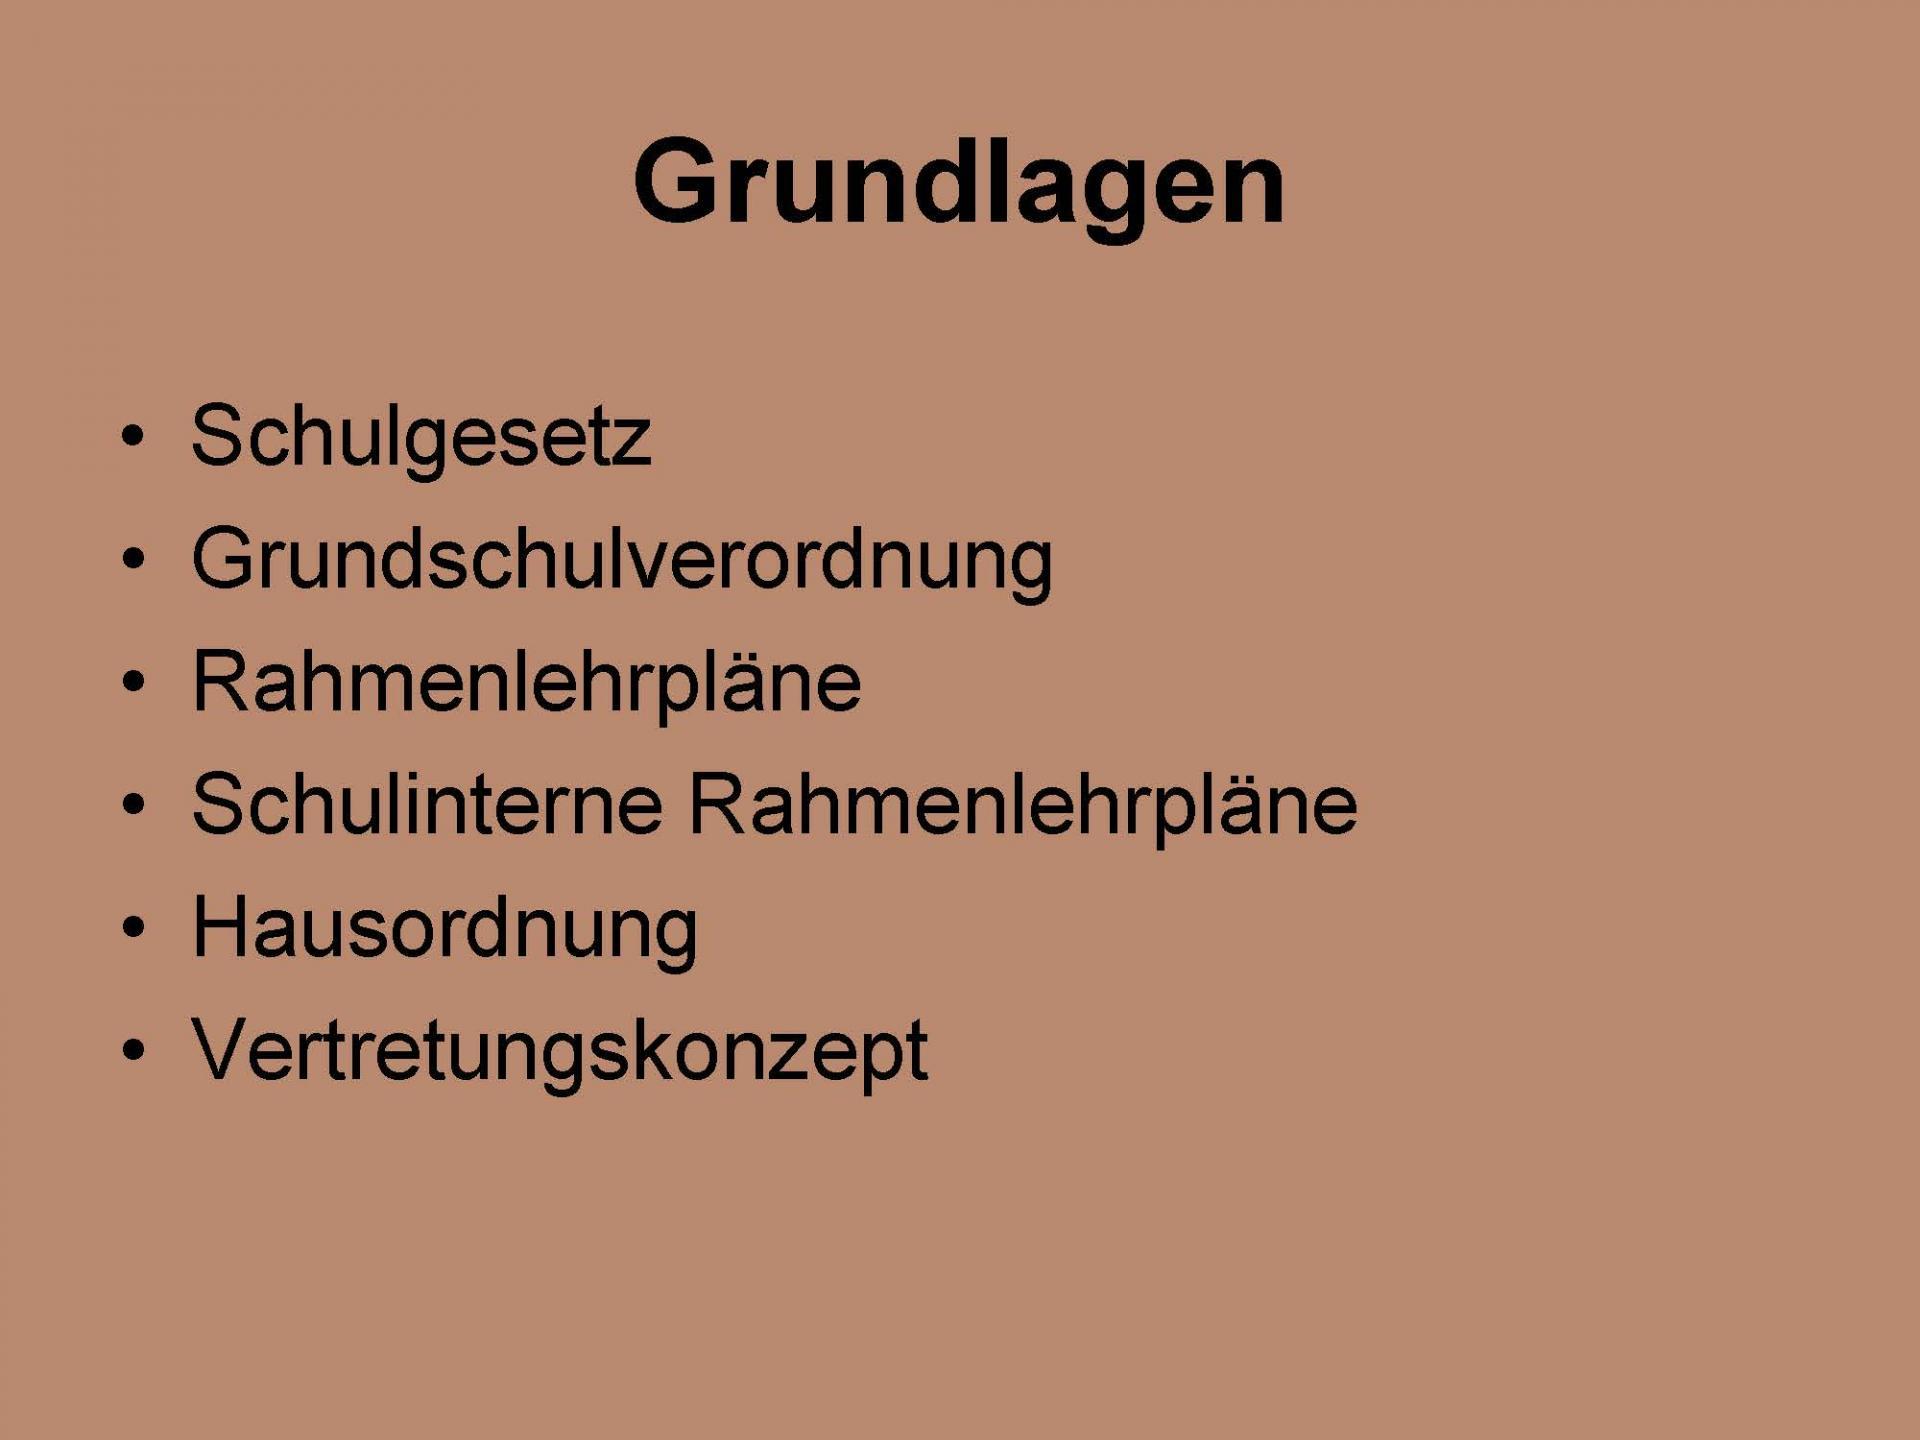 © Foto: Grundschule Groß Machnow - Schulprogramm - Seite 9